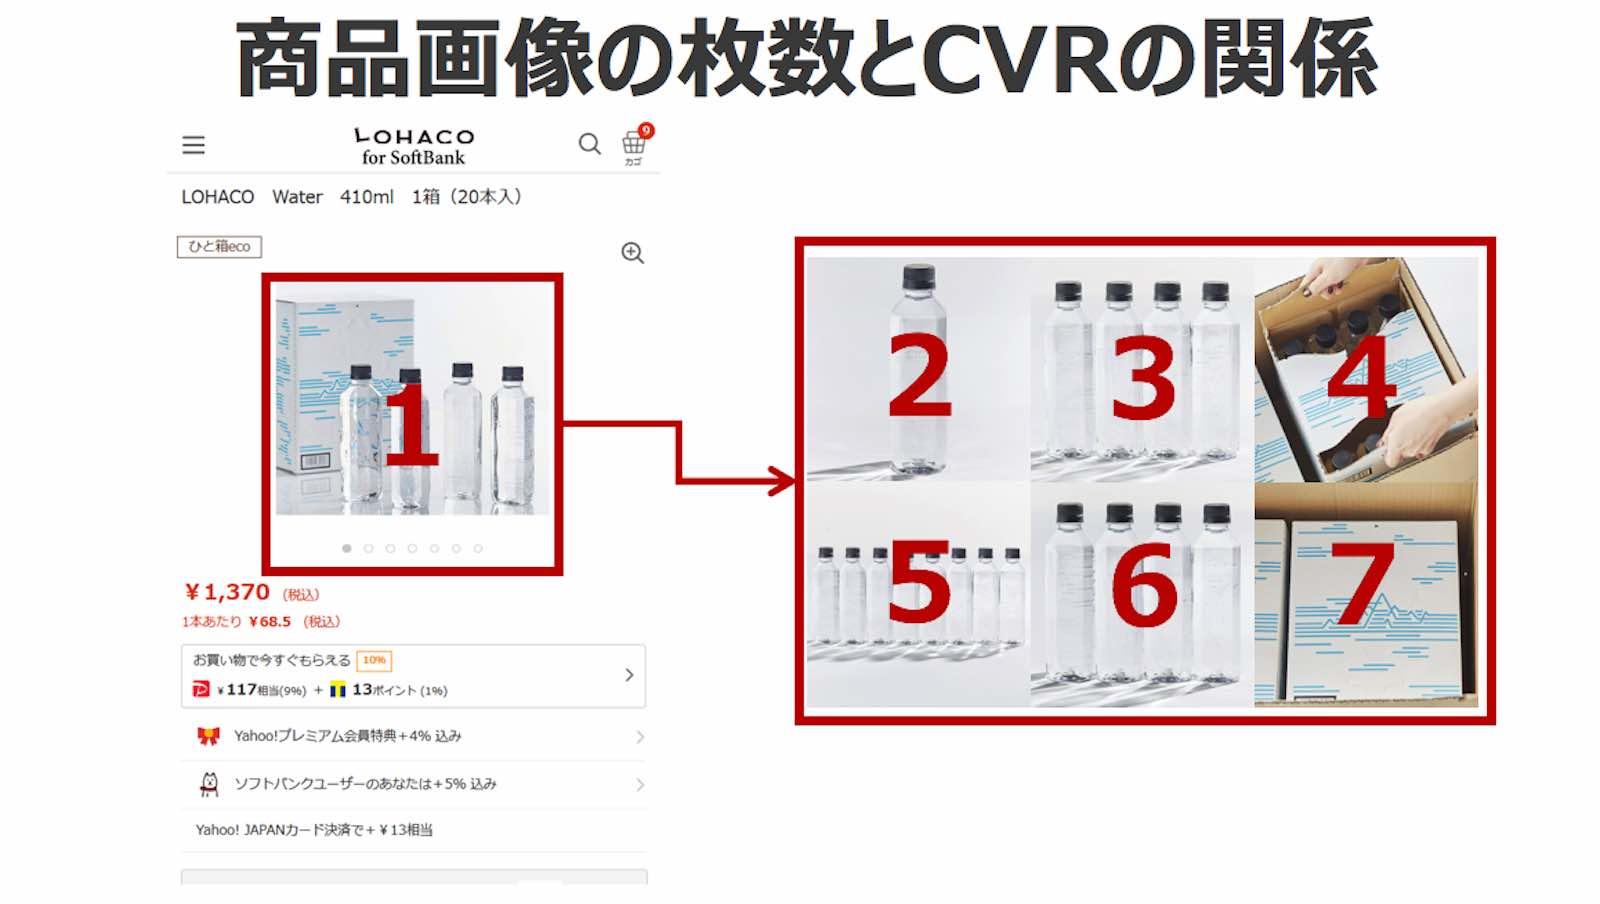 資料:商品画像の枚数とCVRの関係1